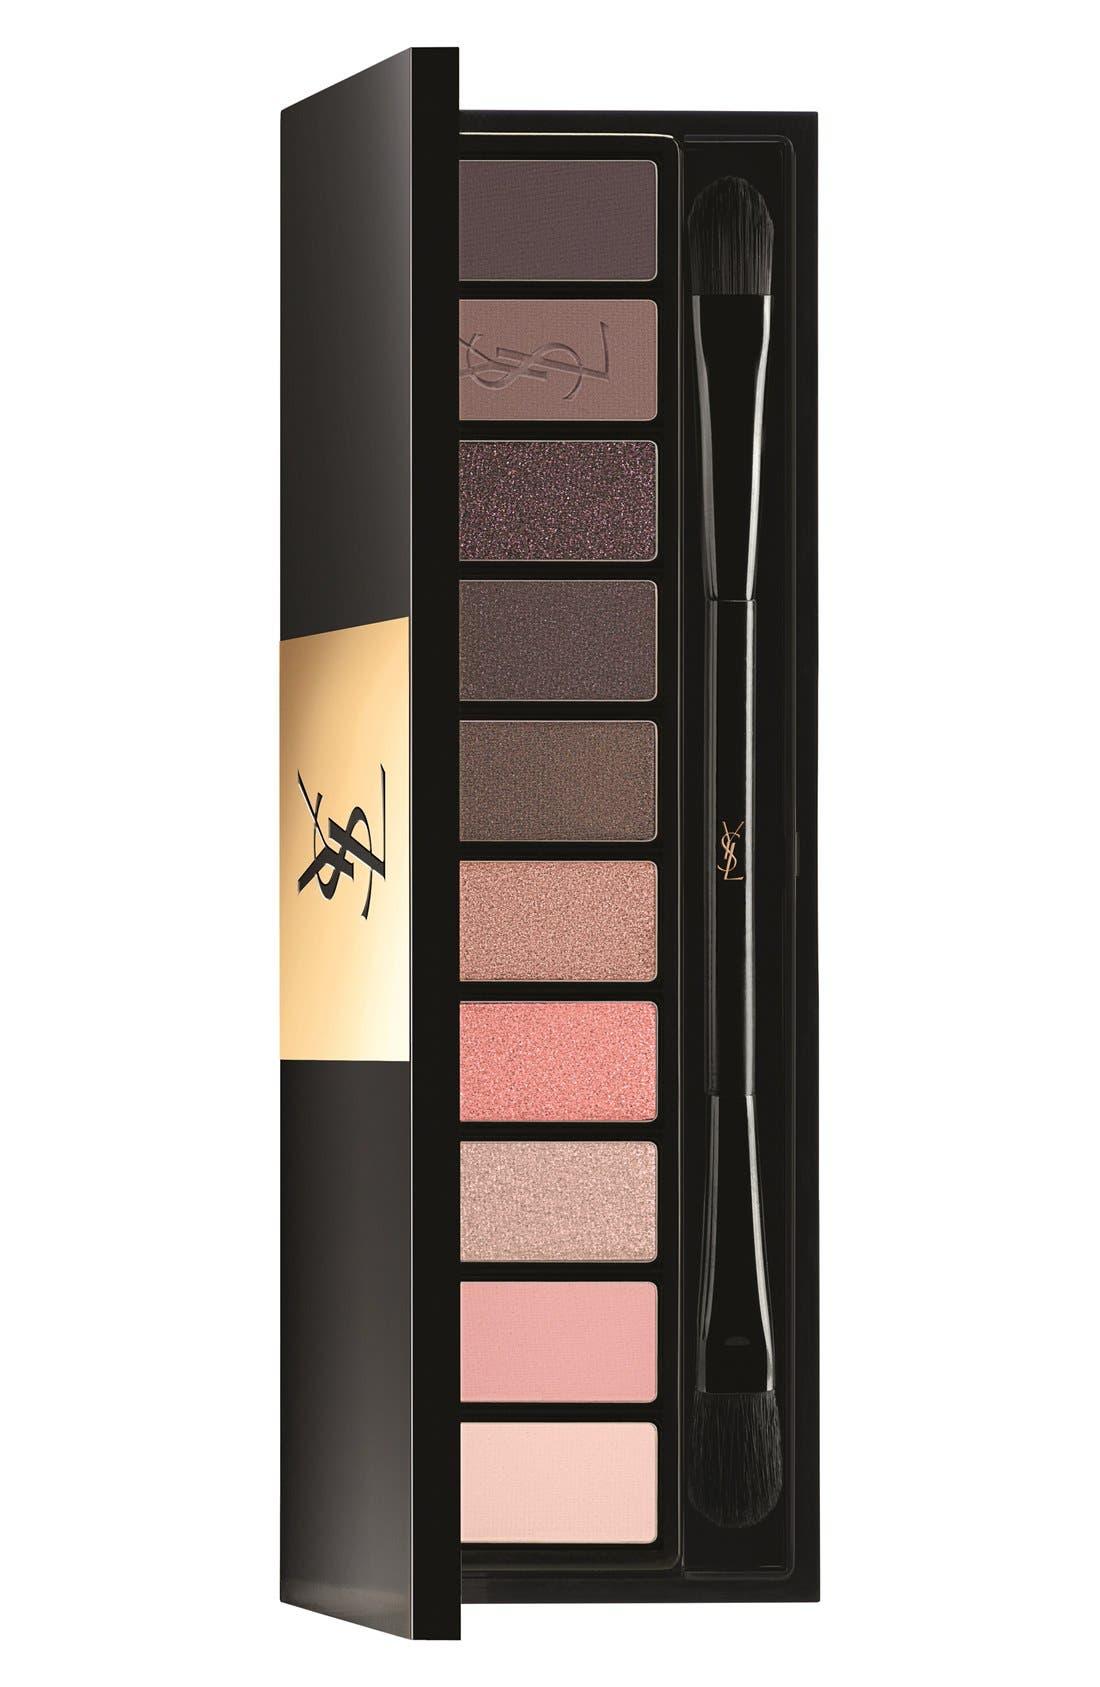 'Paris' Couture Variation Ten-Color Expert Eye Palette,                             Main thumbnail 1, color,                             03 PARIS